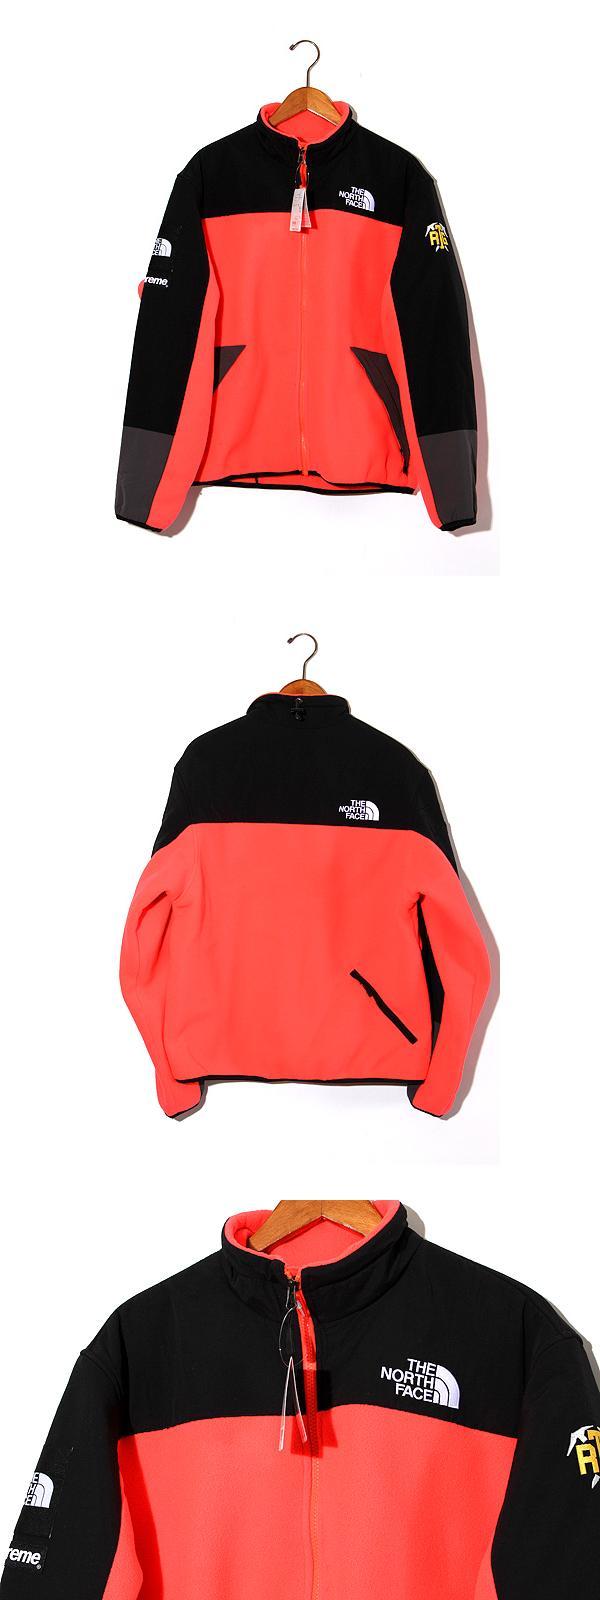 未使用品 2020SS SUPREME × THE NORTH FACE シュプリーム ザ・ノースフェイス RTG Fleece Jacket フリースジャケット M Red 赤/●